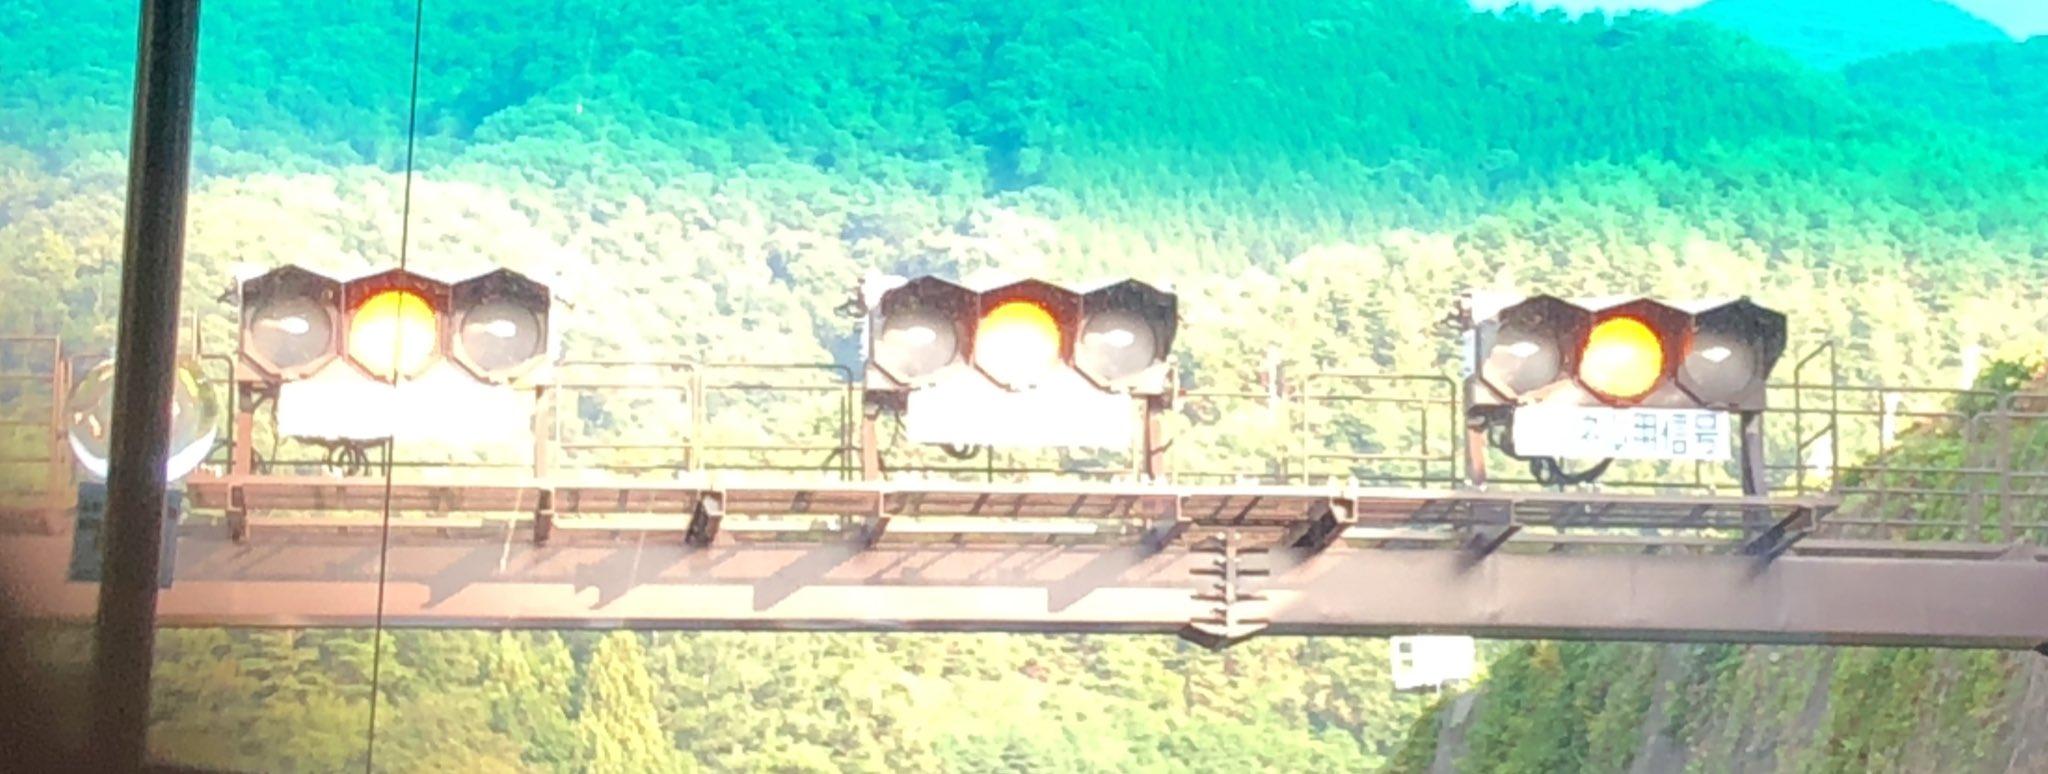 画像,お!!!!!!!!!!!!!中央道上り 笹子トンネルの入り口の信号機が黄色点滅になってる!!!初めて見た!!!! https://t.co/NwfYF7H0kv…